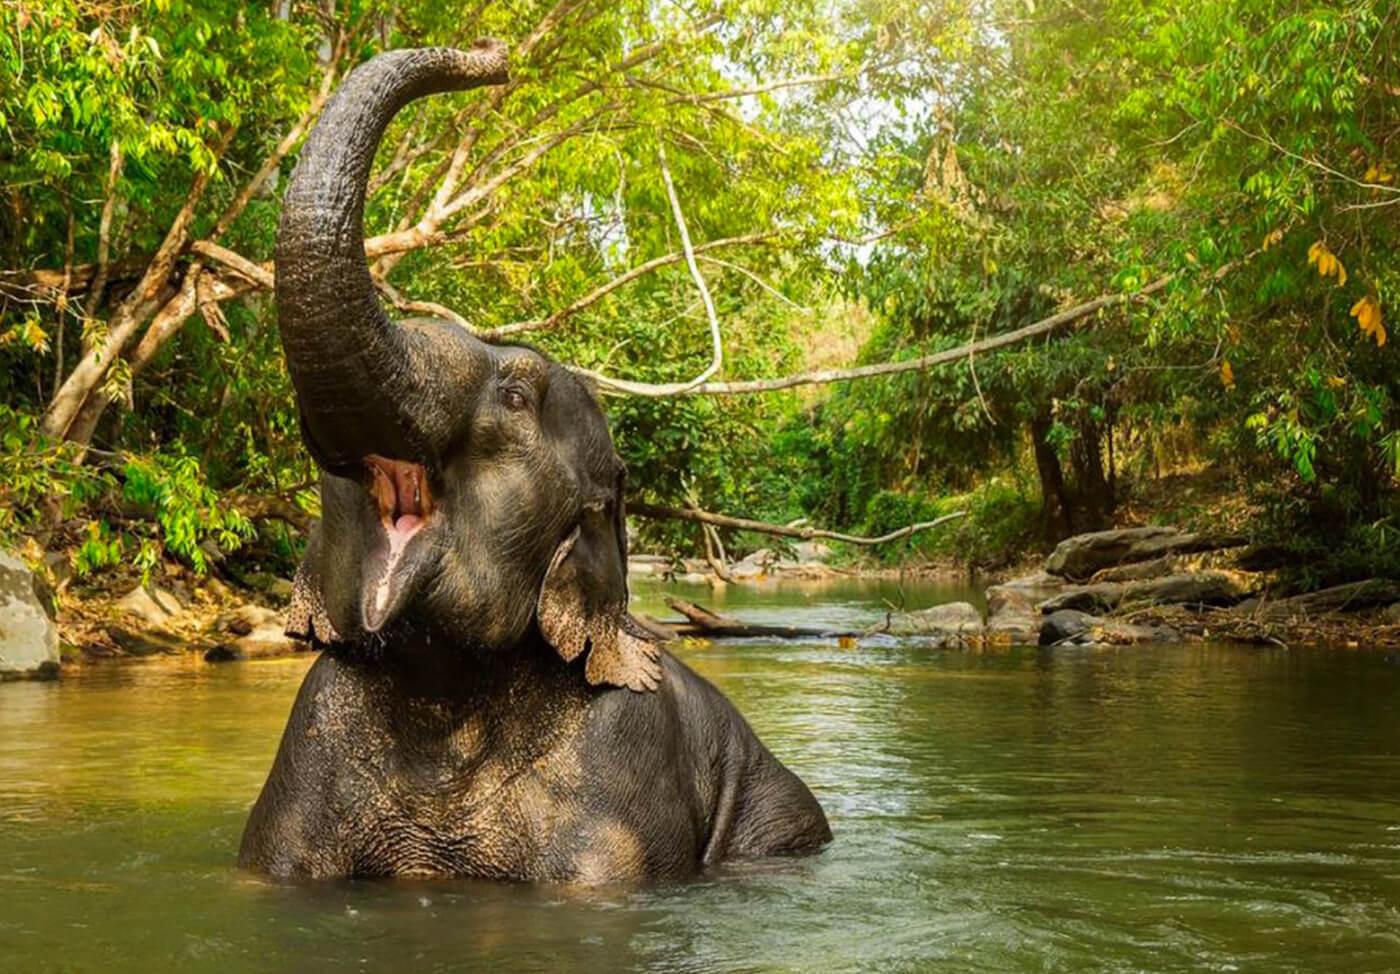 Elephant-Jungle-Sanctuary-Phuket-4